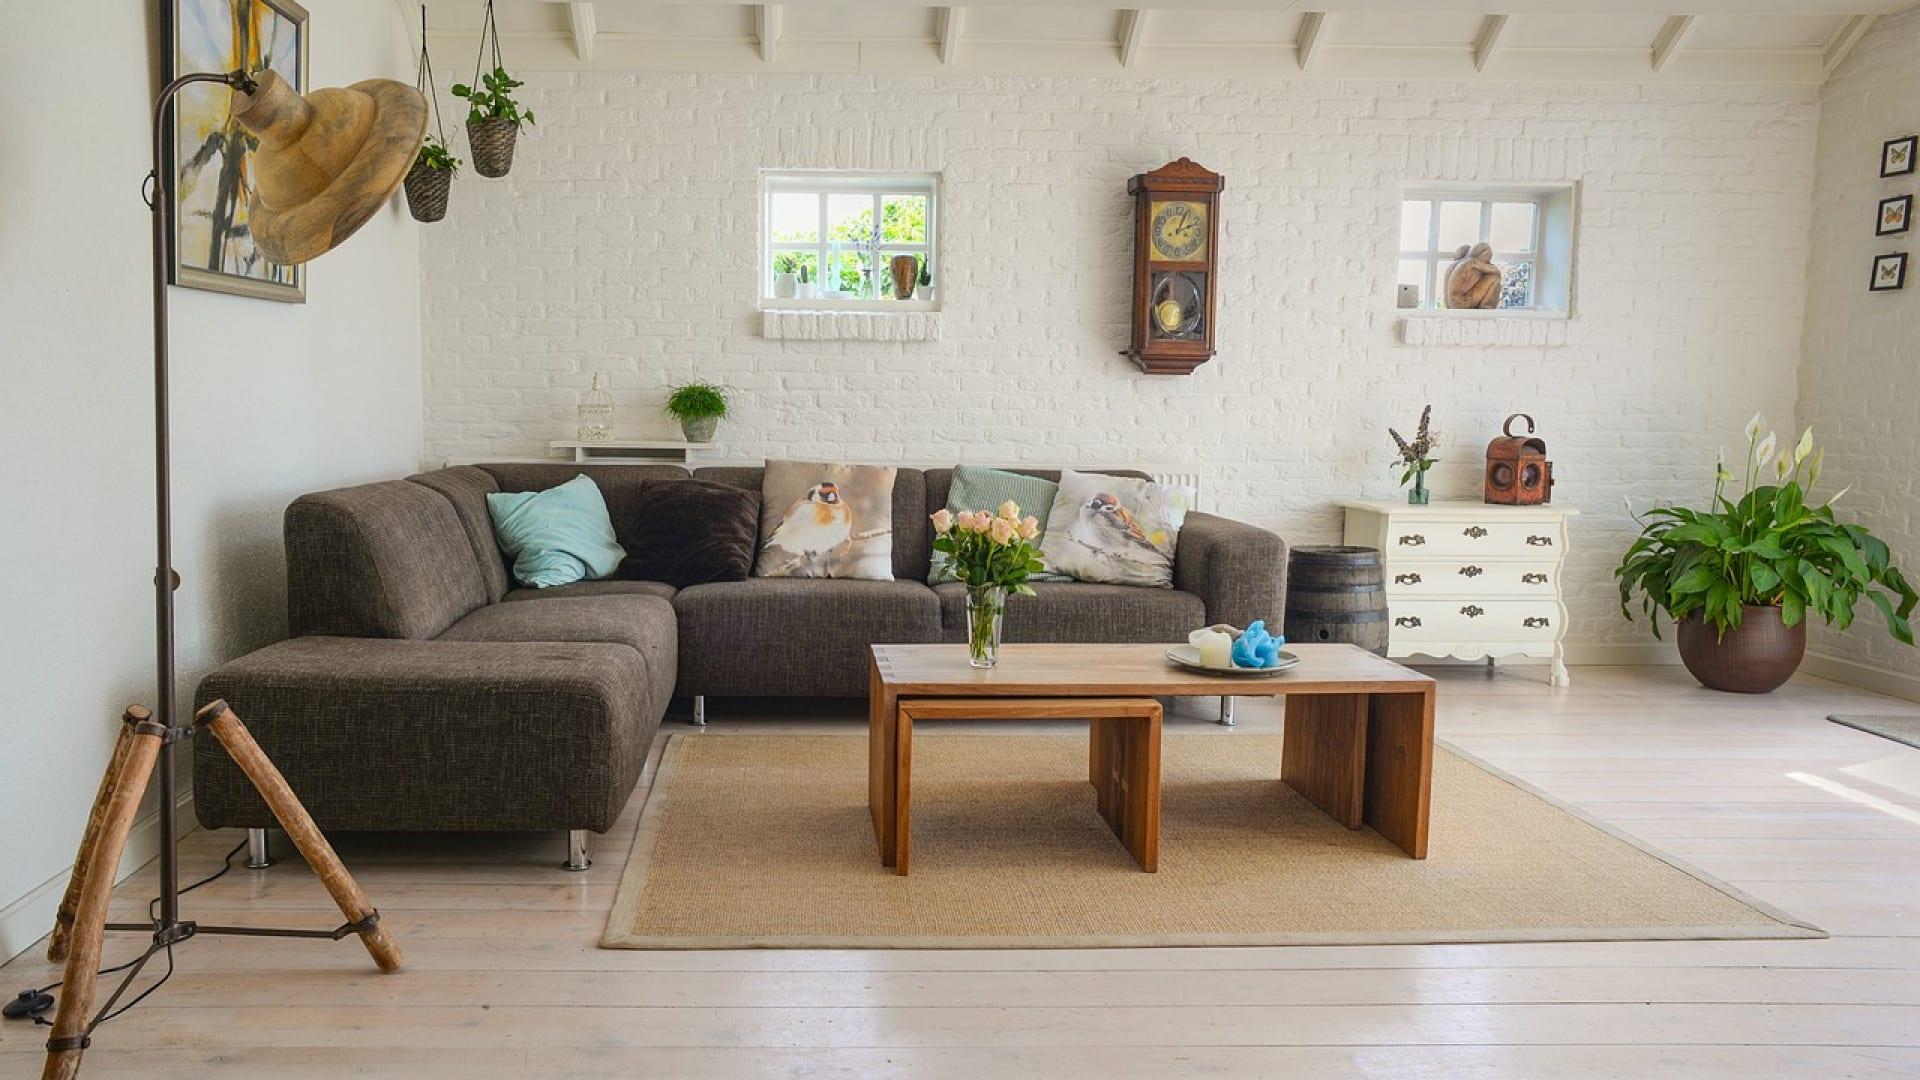 Pourquoi devriez-vous suivre des blogs sur la décoration de maison ?